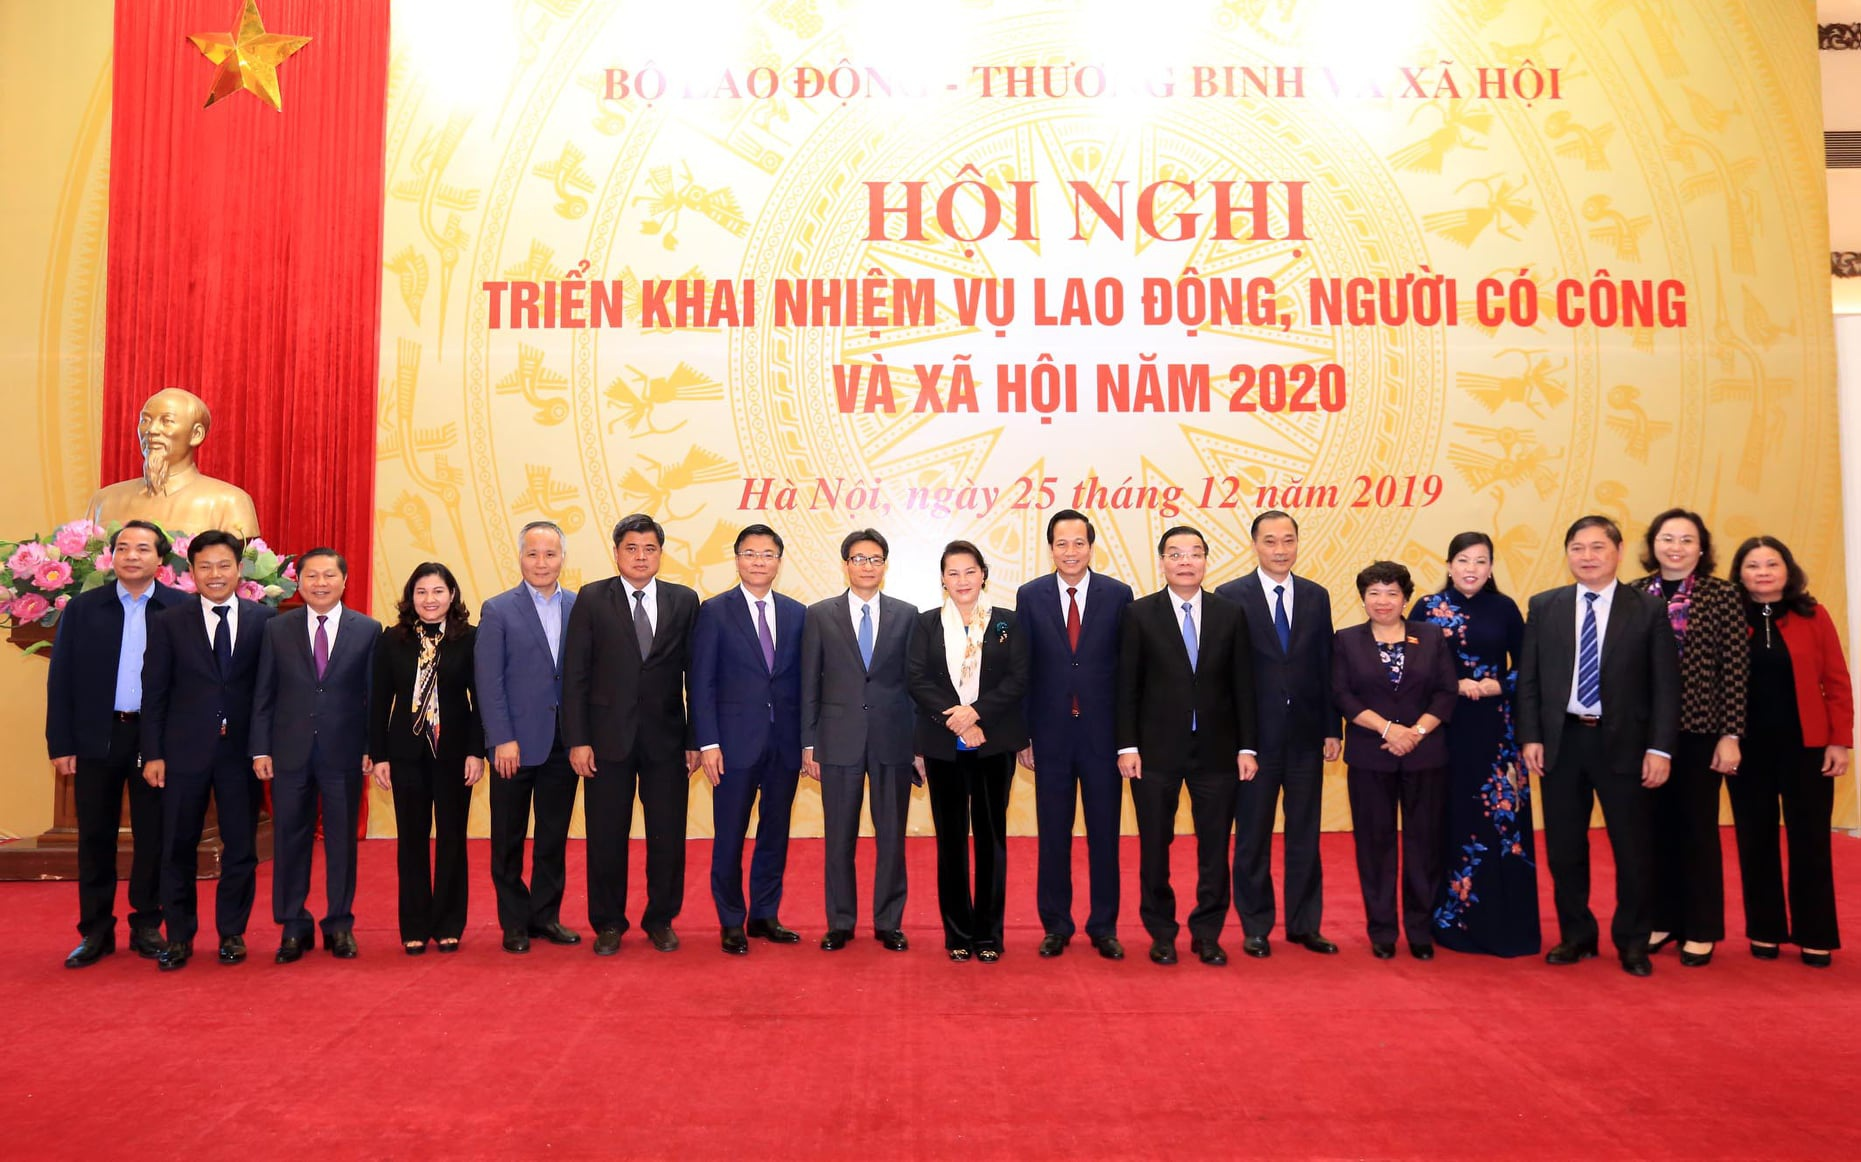 Bộ trưởng Đào Ngọc Dung: Cả nước tạo việc làm cho hơn 1,6 triệu lao động - 2